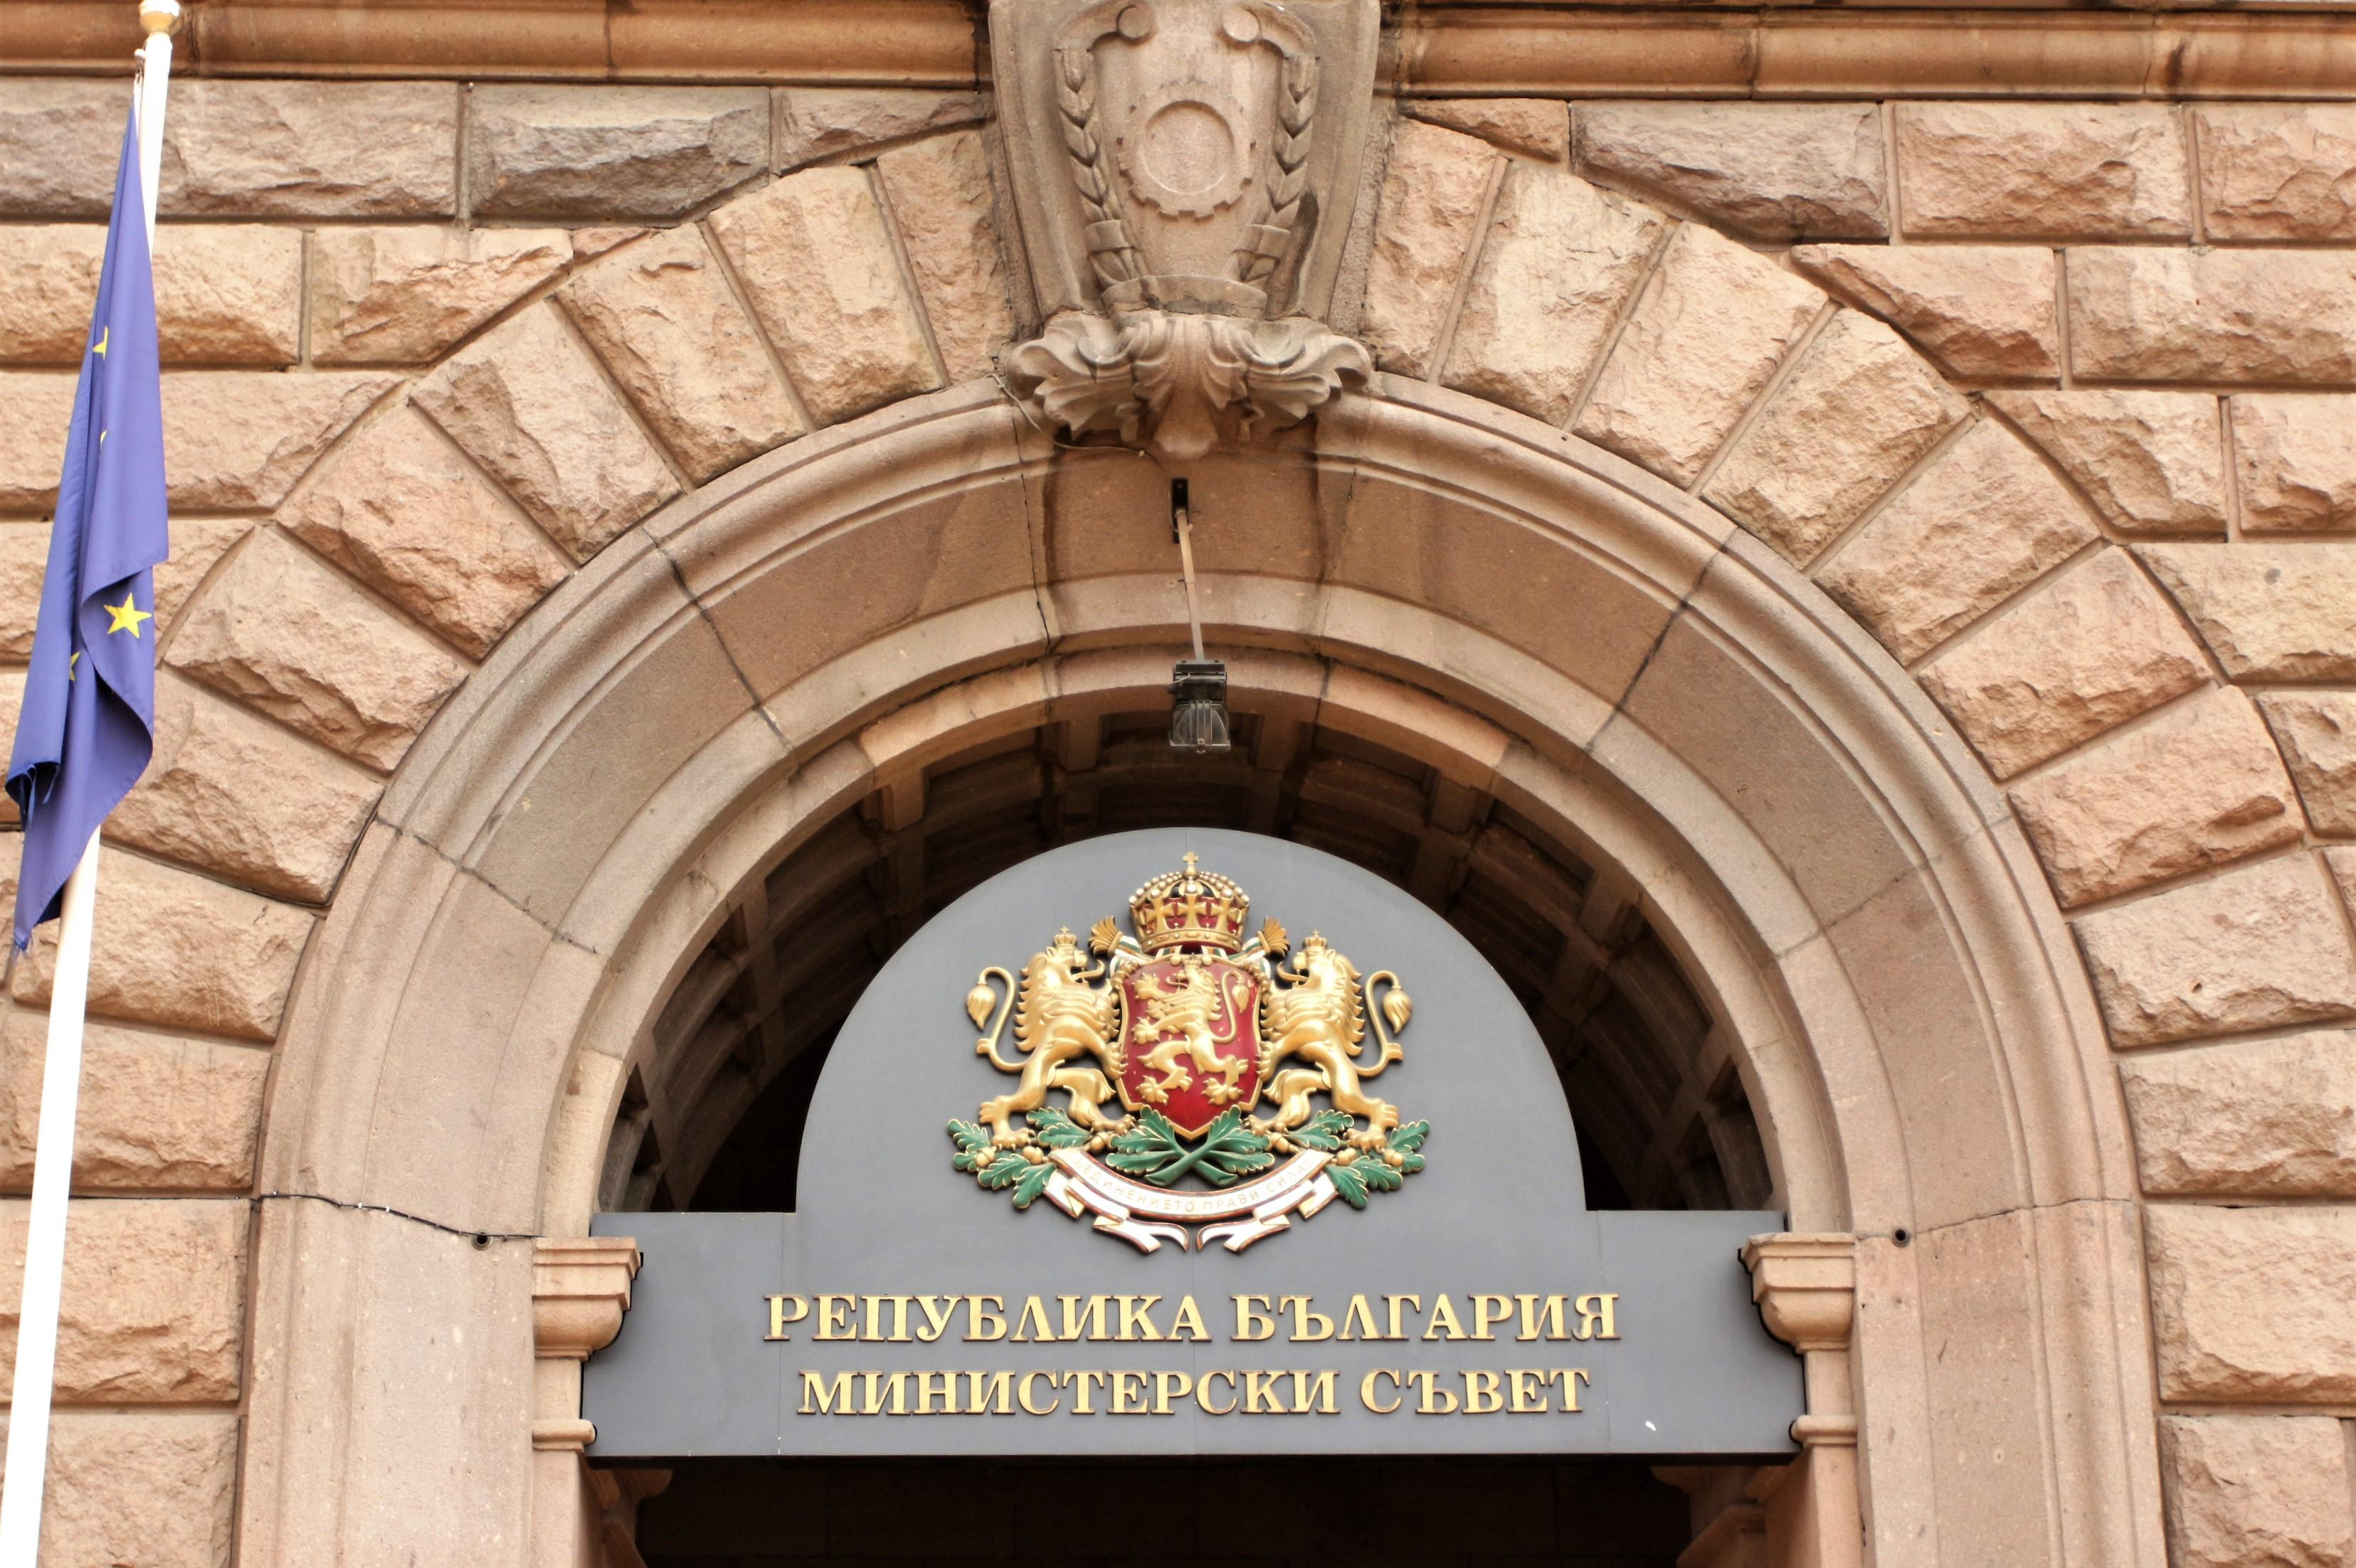 Личните документи, които изтичат - валидни още 6 месеца, но само за странат